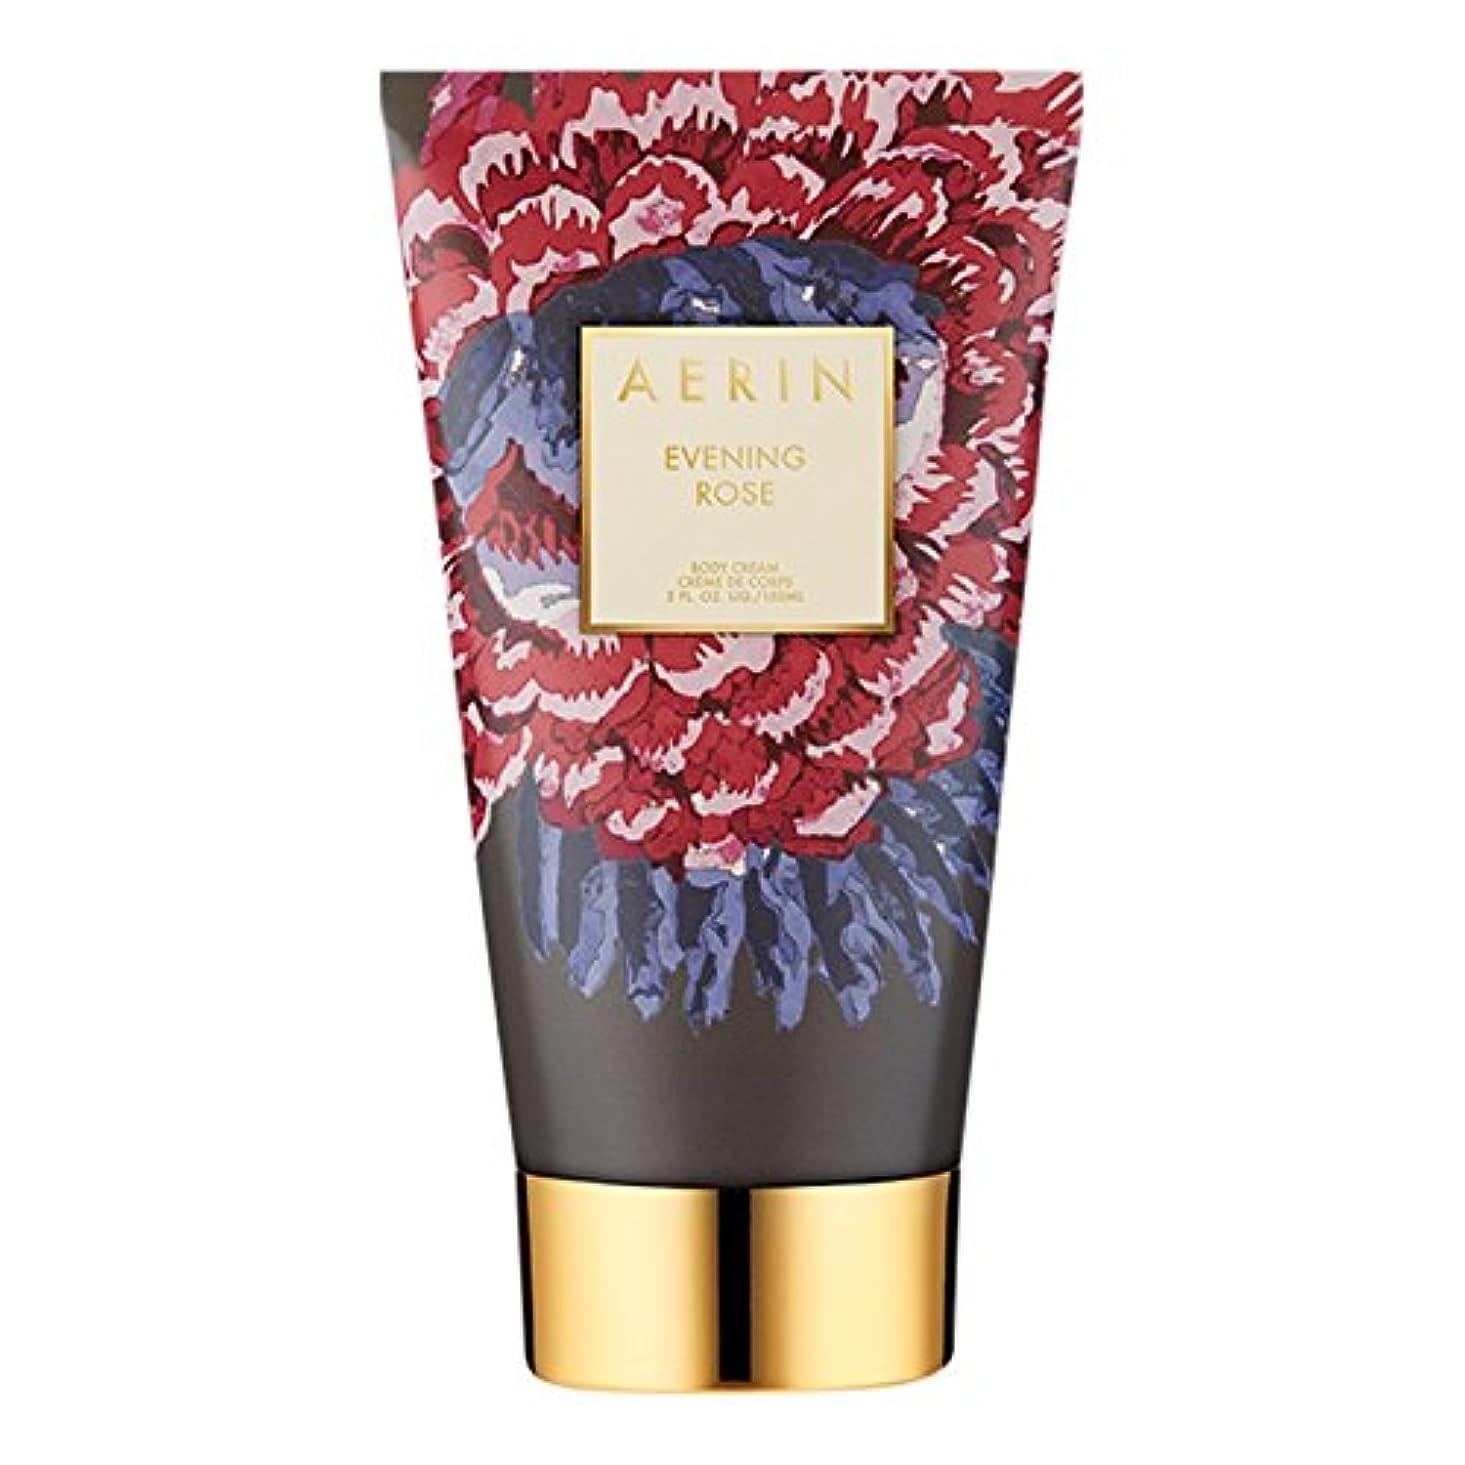 談話謝る配管工Aerinの夜は、ボディクリーム150ミリリットルをバラ (AERIN) (x2) - AERIN Evening Rose Body Cream 150ml (Pack of 2) [並行輸入品]